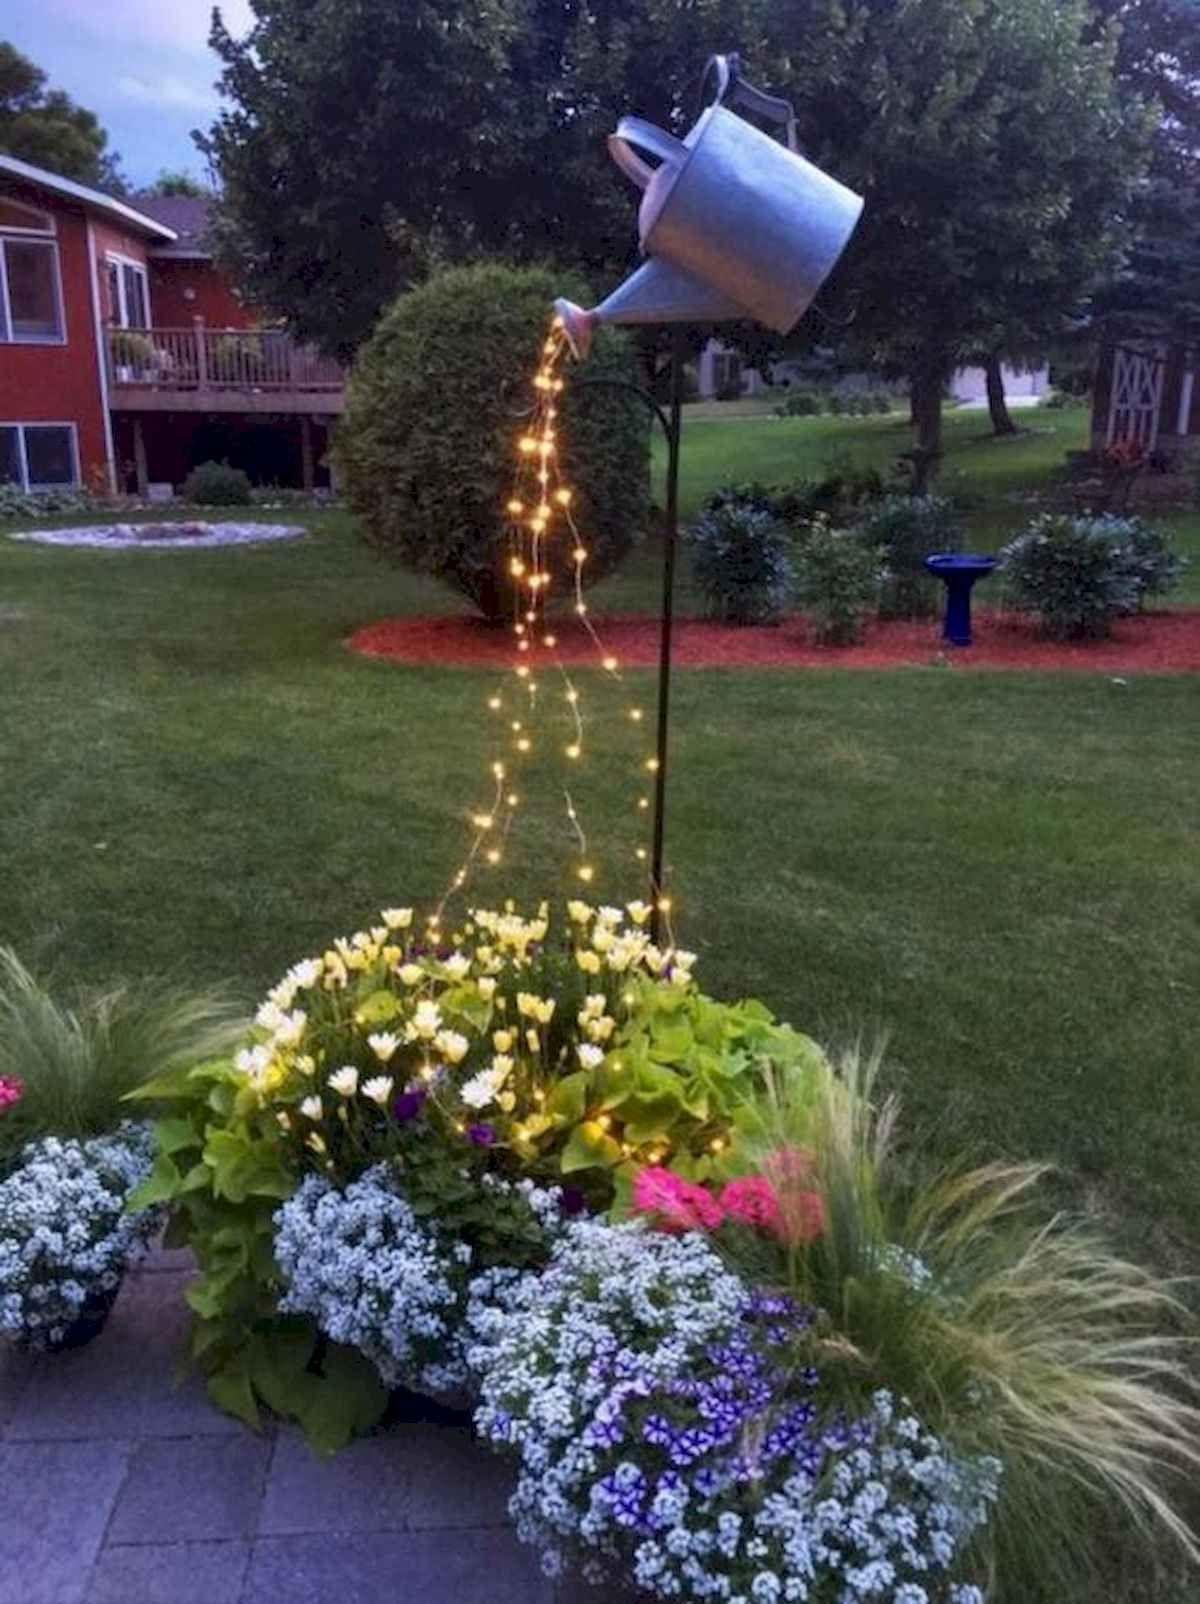 Nice 70 Creative And Inspiring Garden Art From Junk Design Ideas For Summer Https Livingmarch Com 7 Backyard Landscaping Garden Lighting Design Garden Design